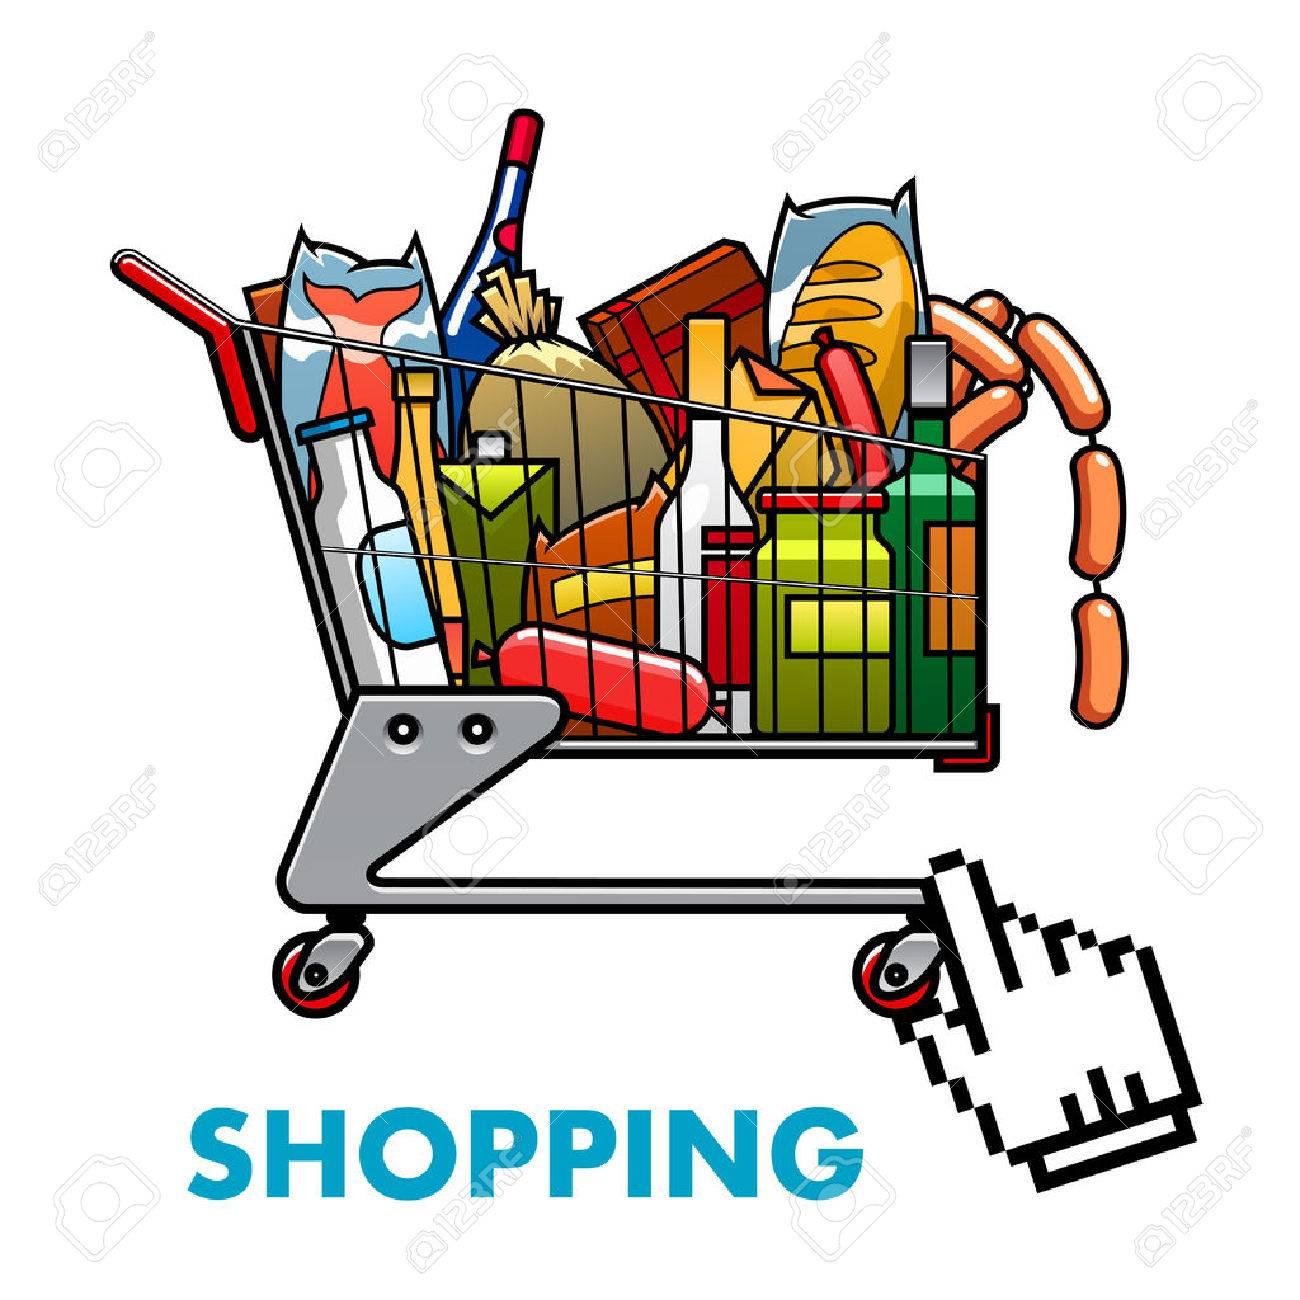 Online-Shopping-Konzept Mit Einem Vollen Warenkorb Von Sortierten ...